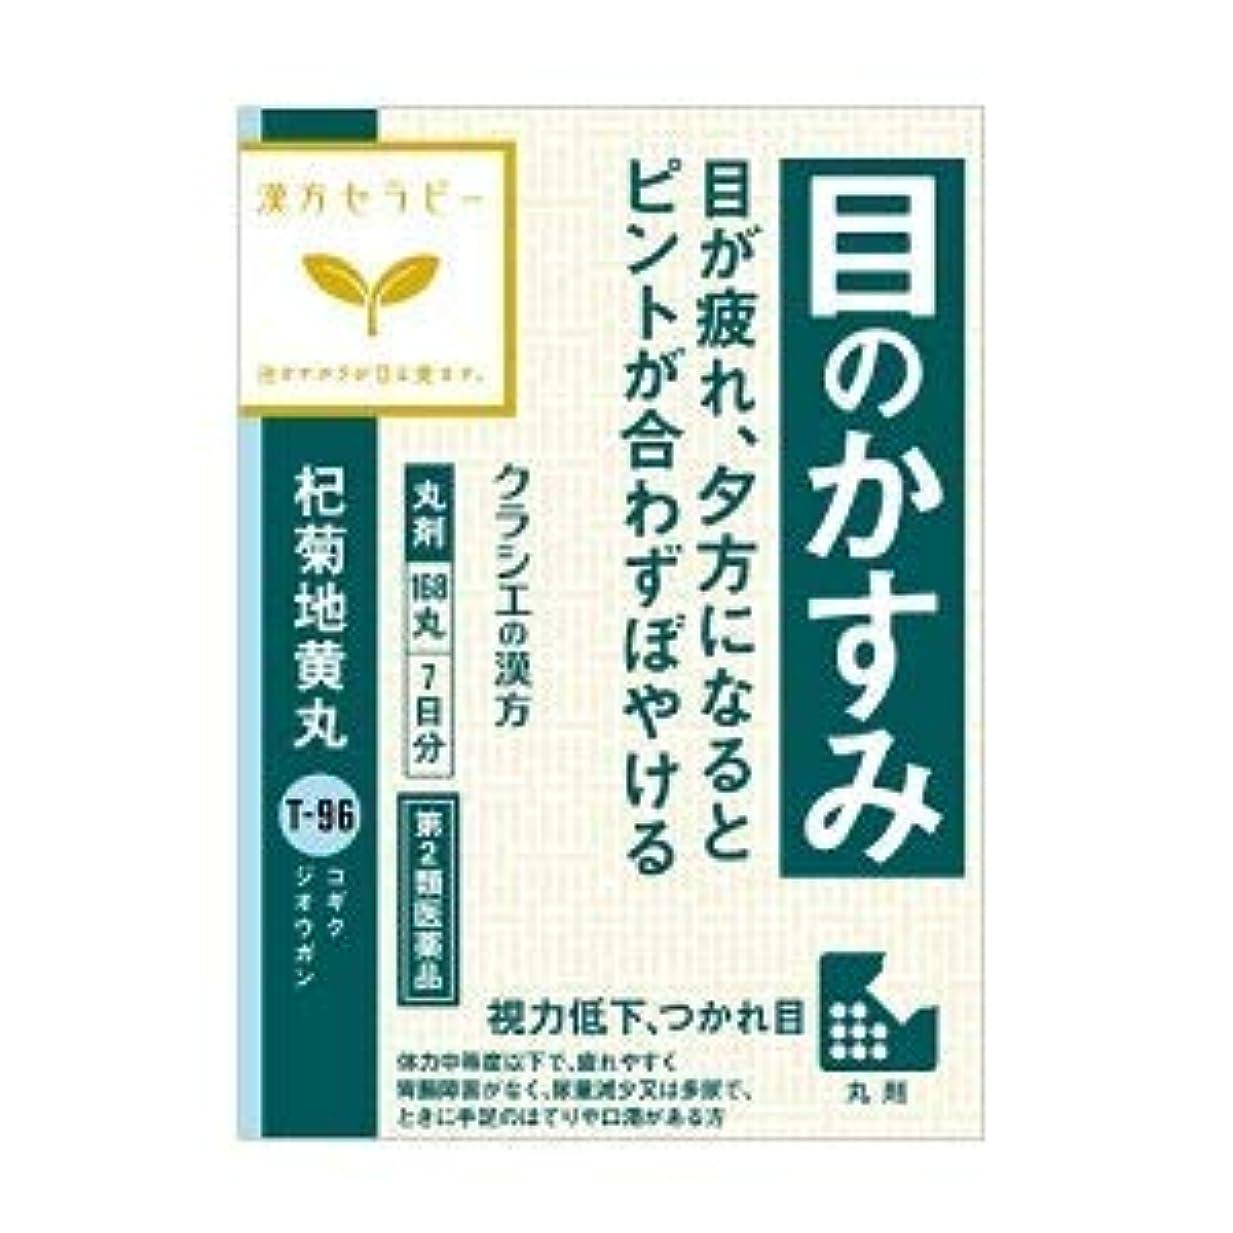 猫背悪性ペスト【第2類医薬品】「クラシエ」杞菊地黄丸 168丸 ×2